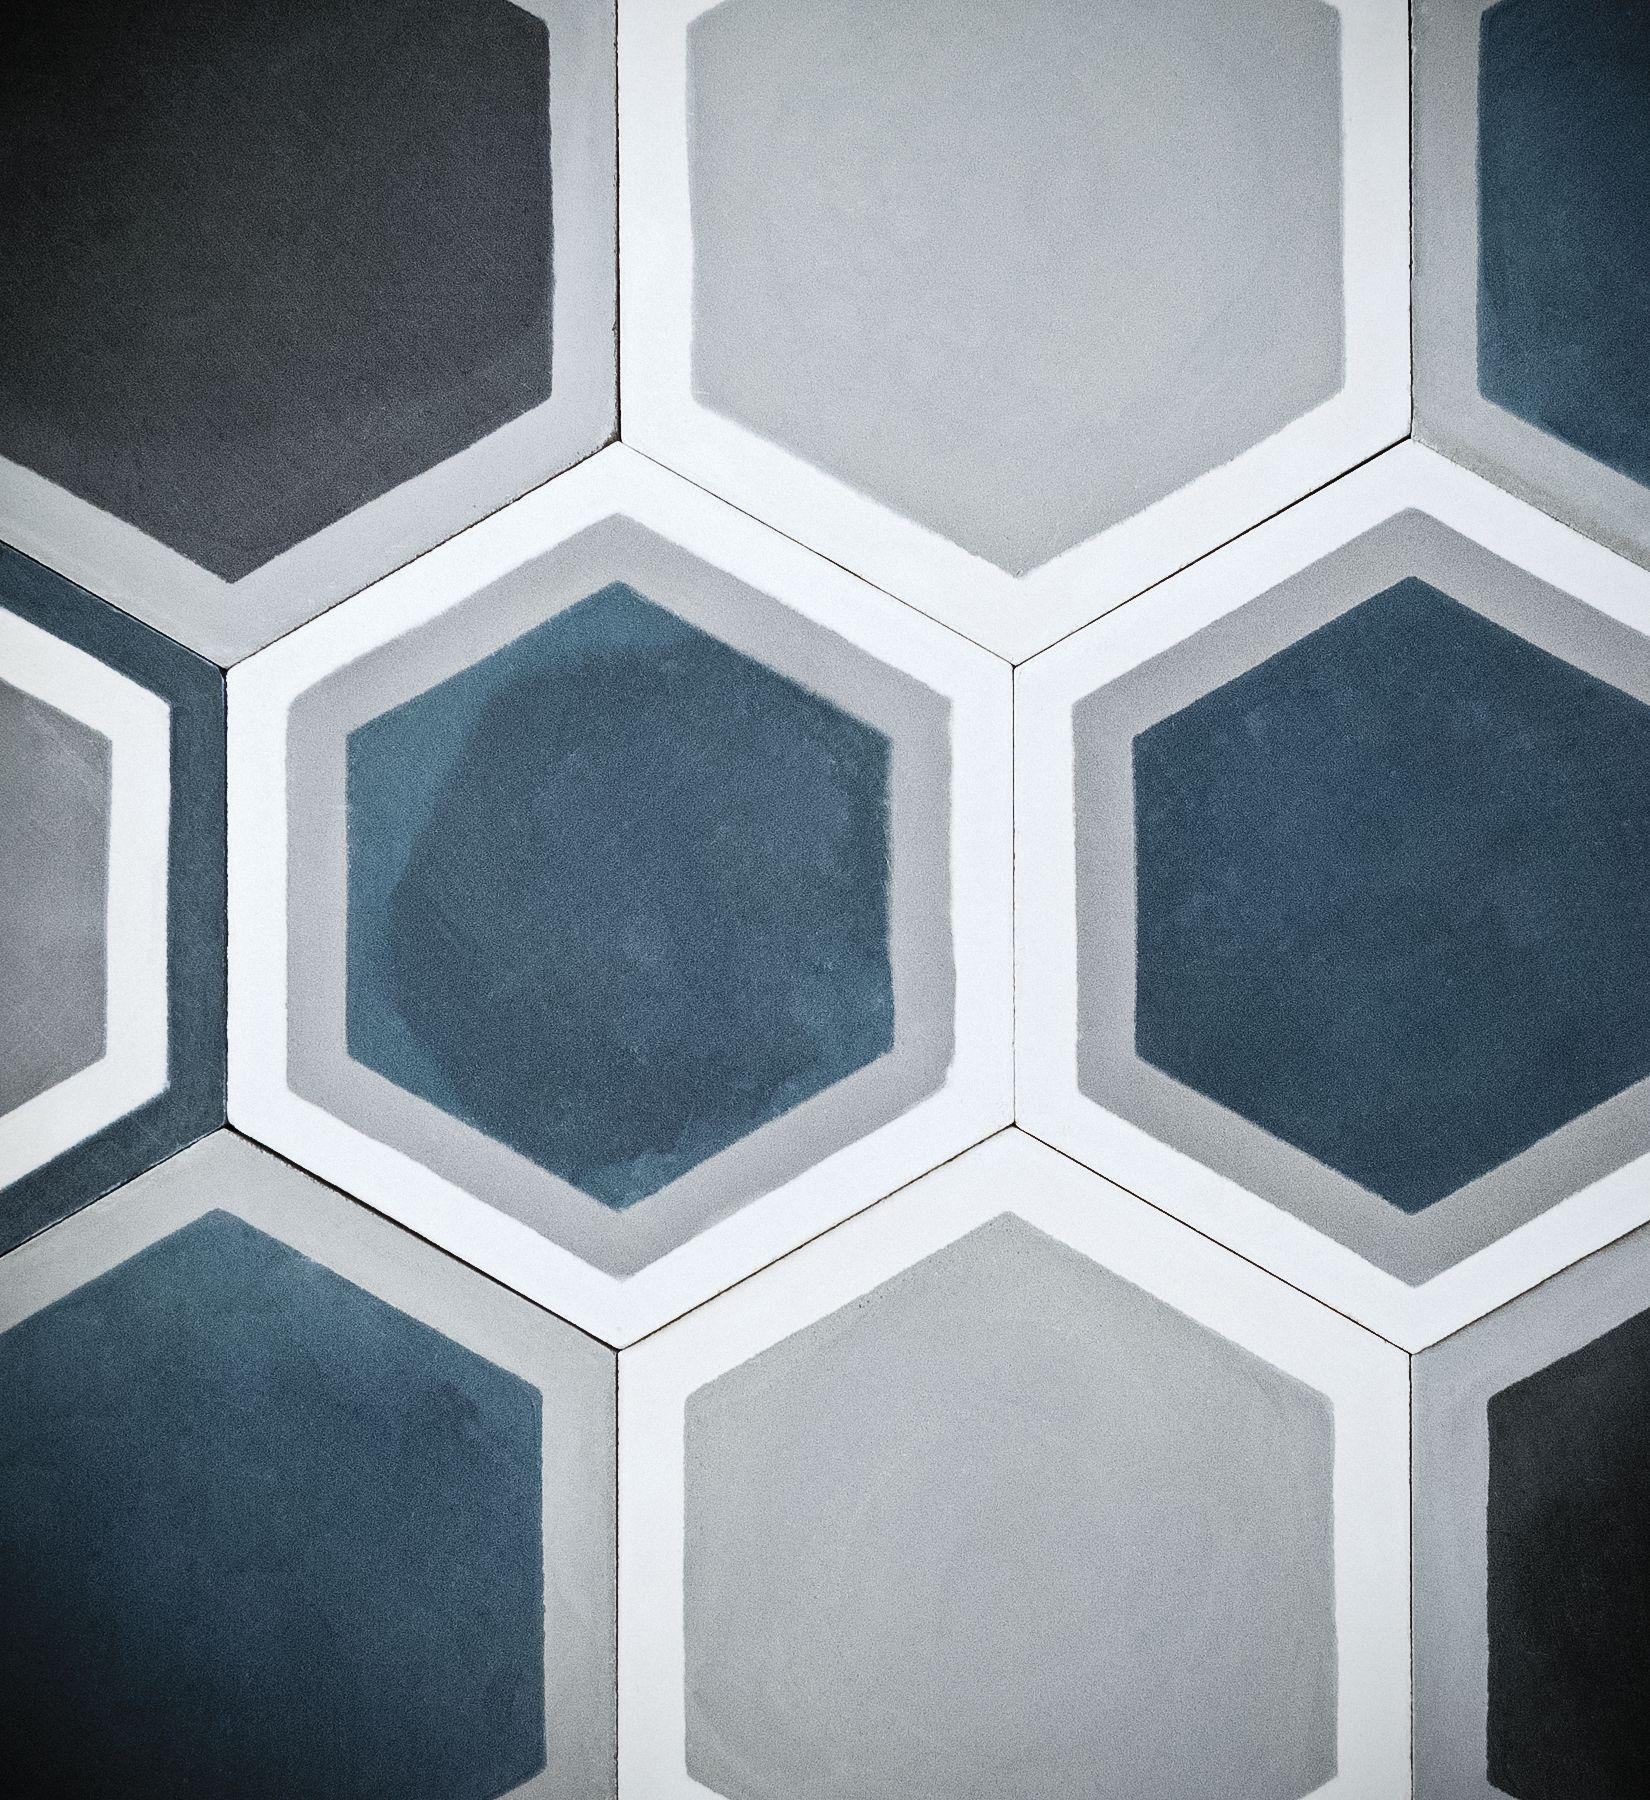 Medina Carreaux De Ciment Concrete Tiles Plus De 40 Choix De